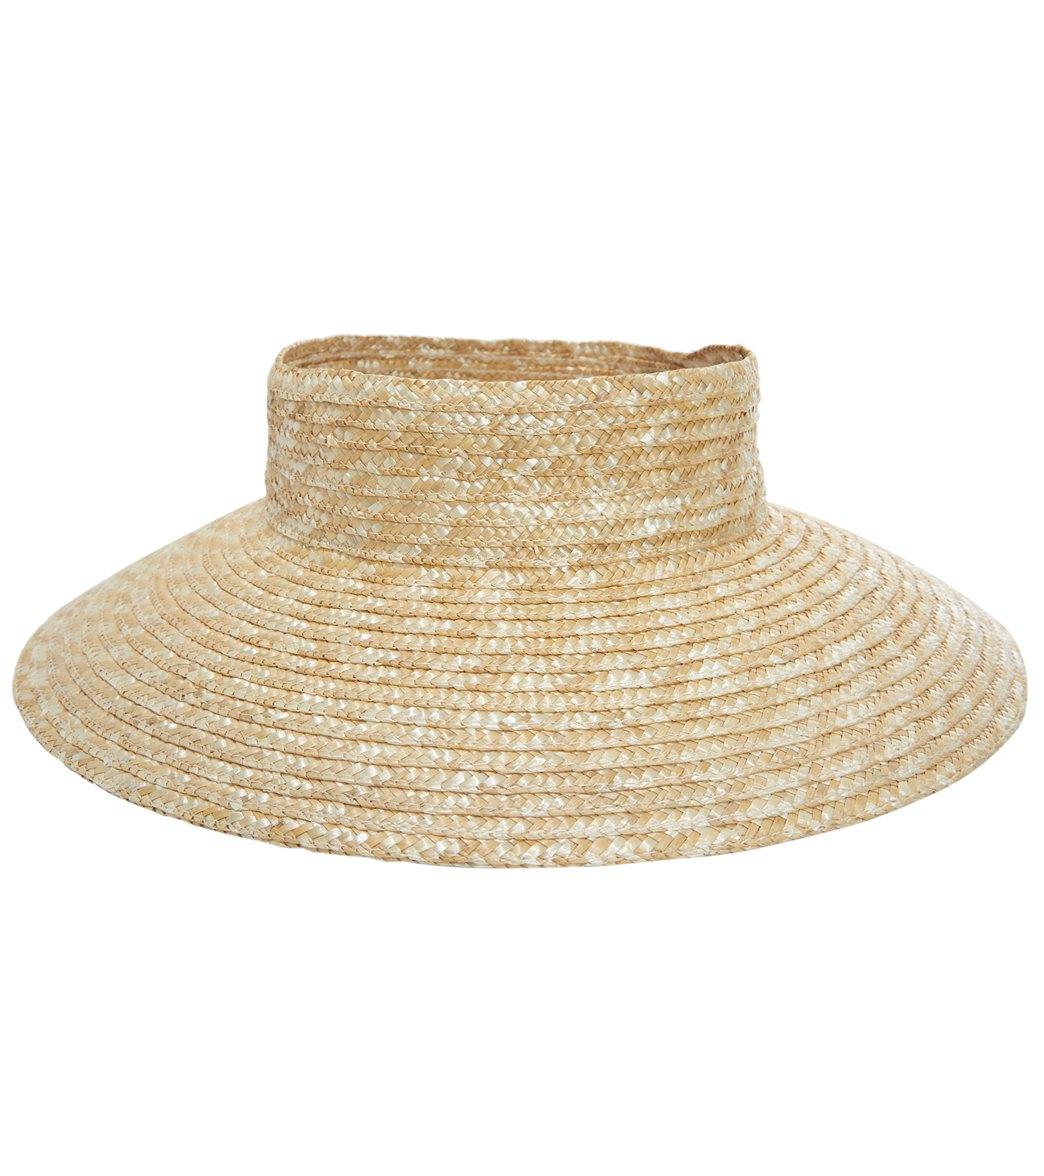 749d7b179 Billabong Women's Sea More Straw Open Top Hat